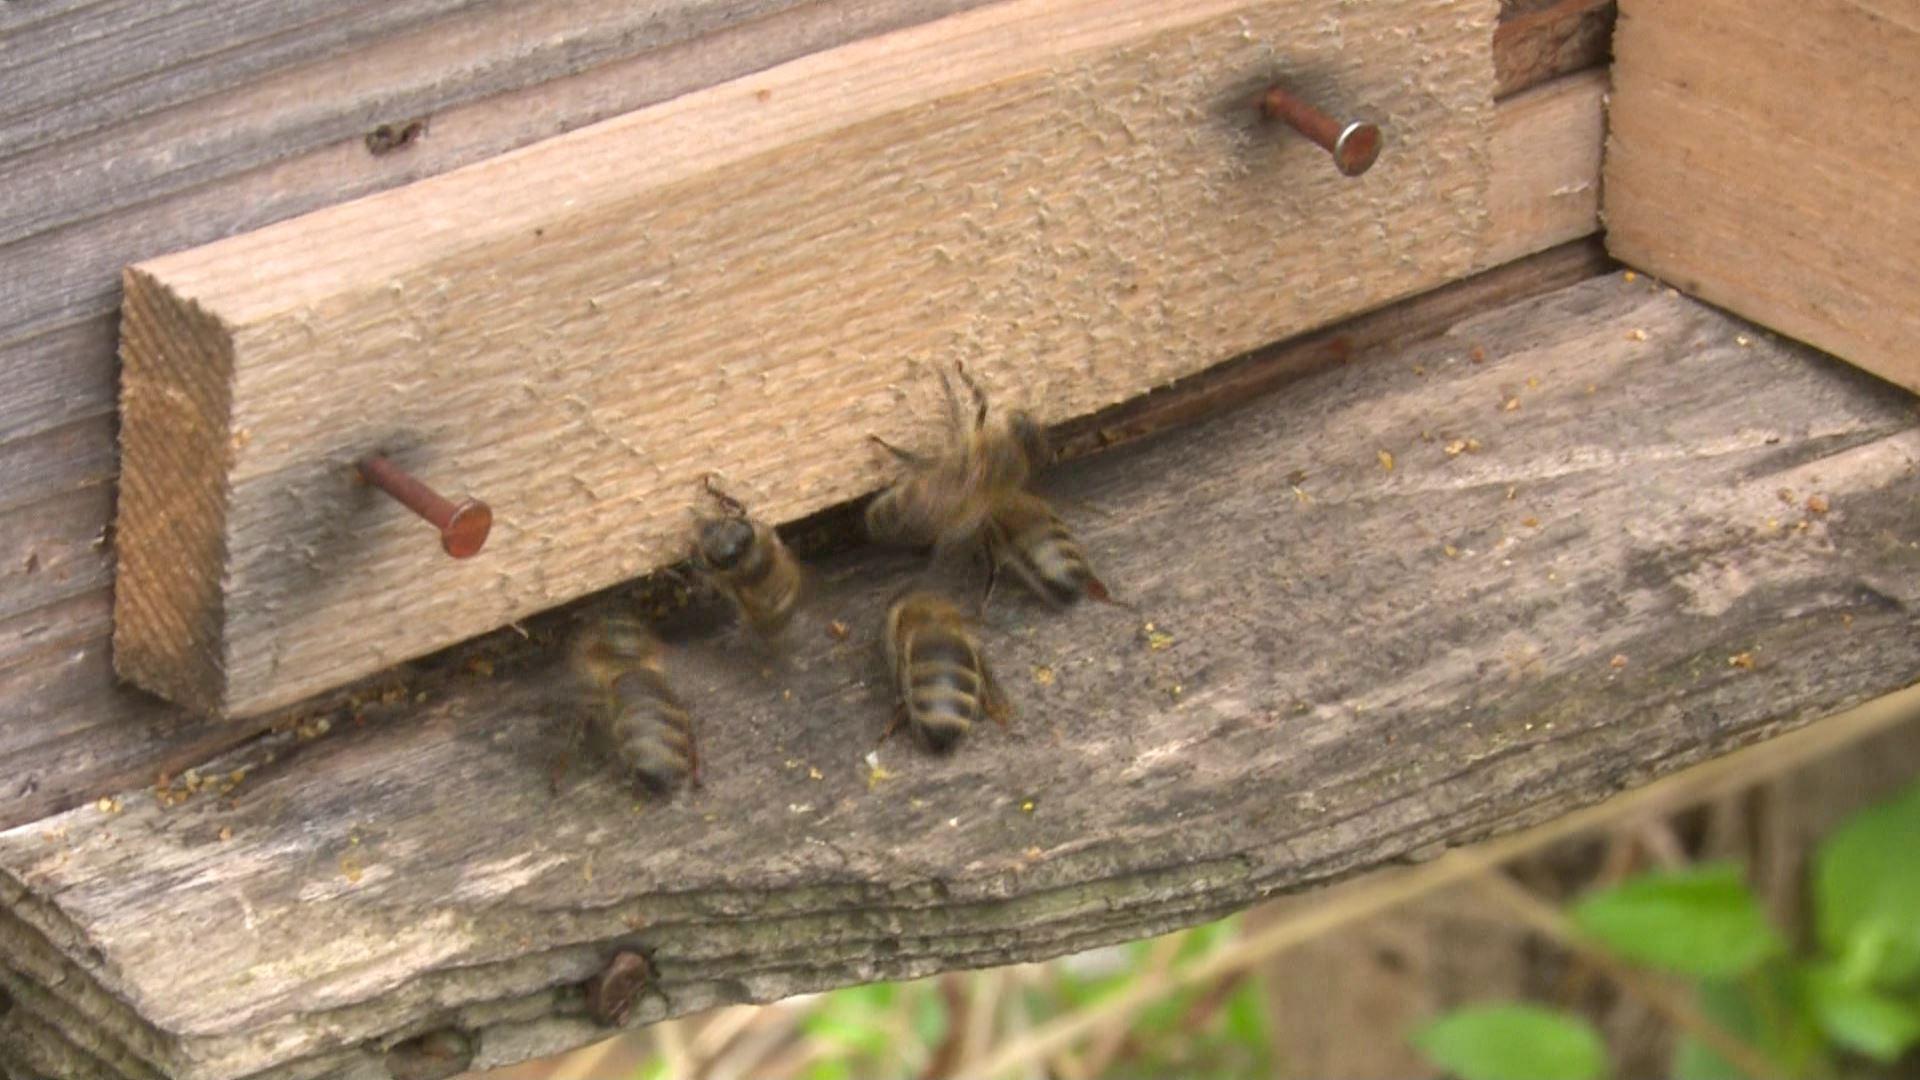 რას უკავშირებენ მეფუტკრეები ზარალს?